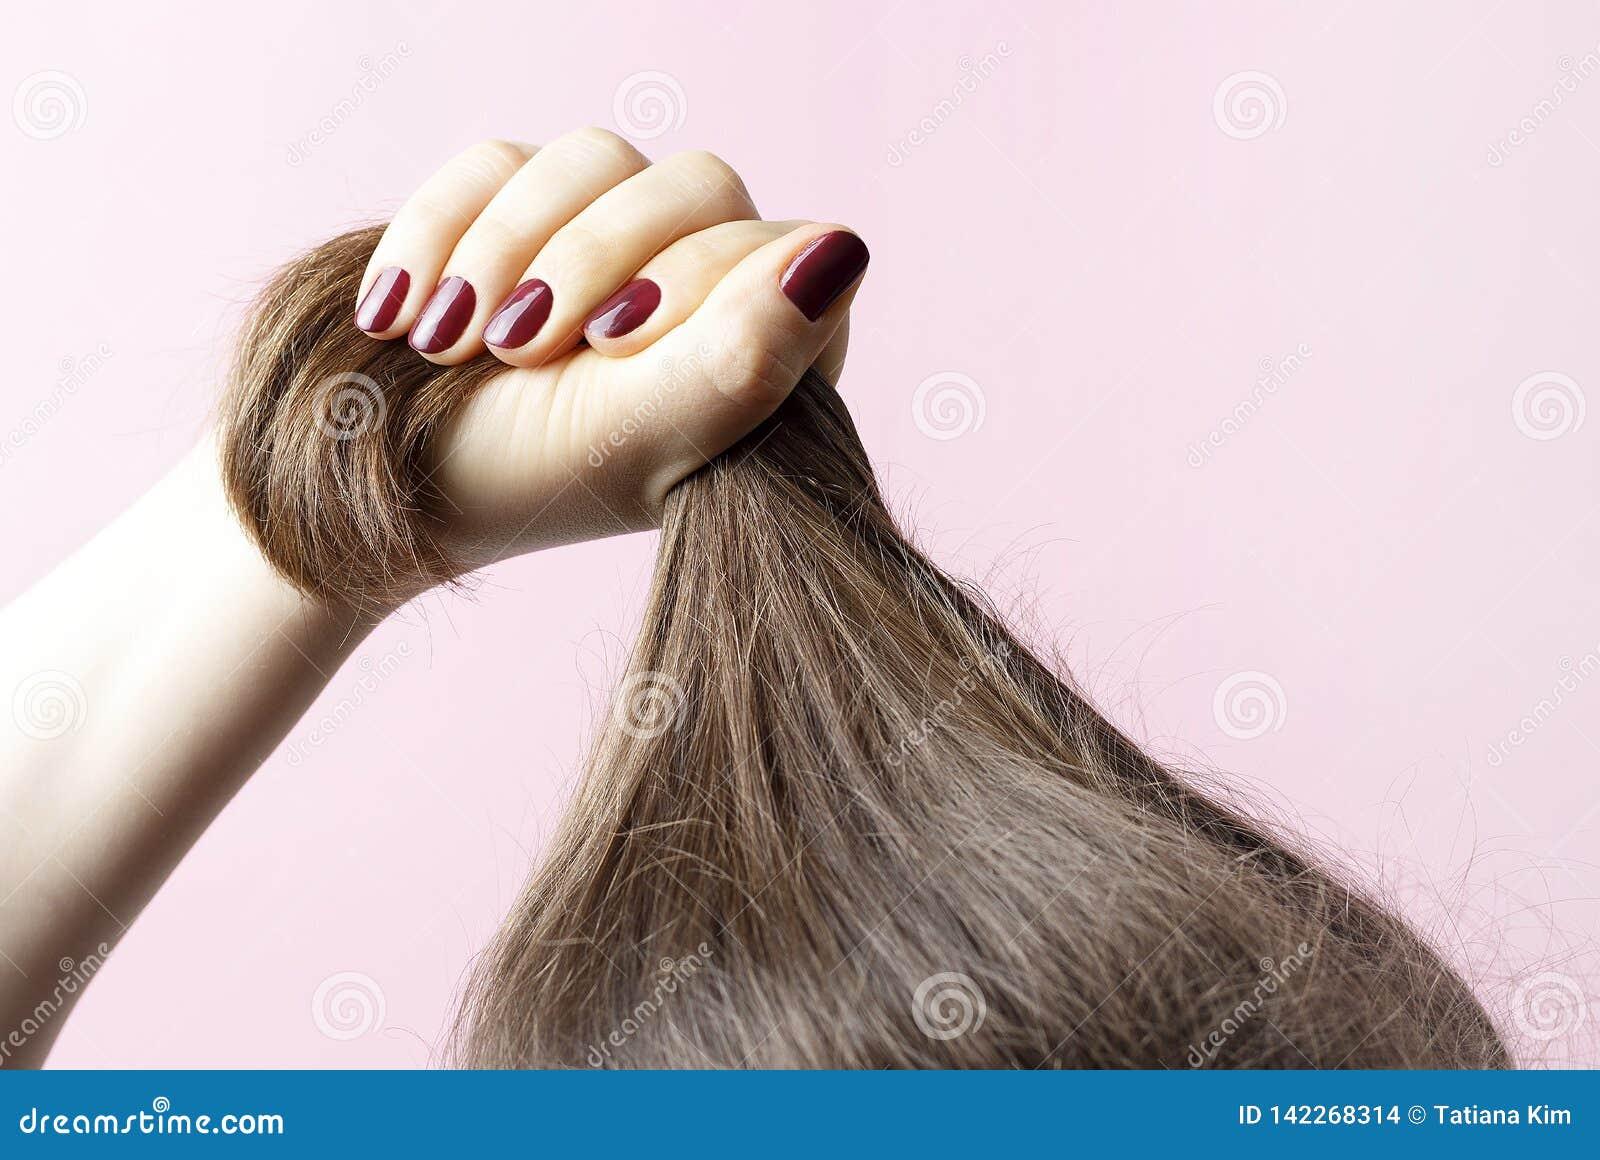 Weibliche Hände mit der roten Maniküre, die Haar, rosa Hintergrund, Haarpflegekonzept hält